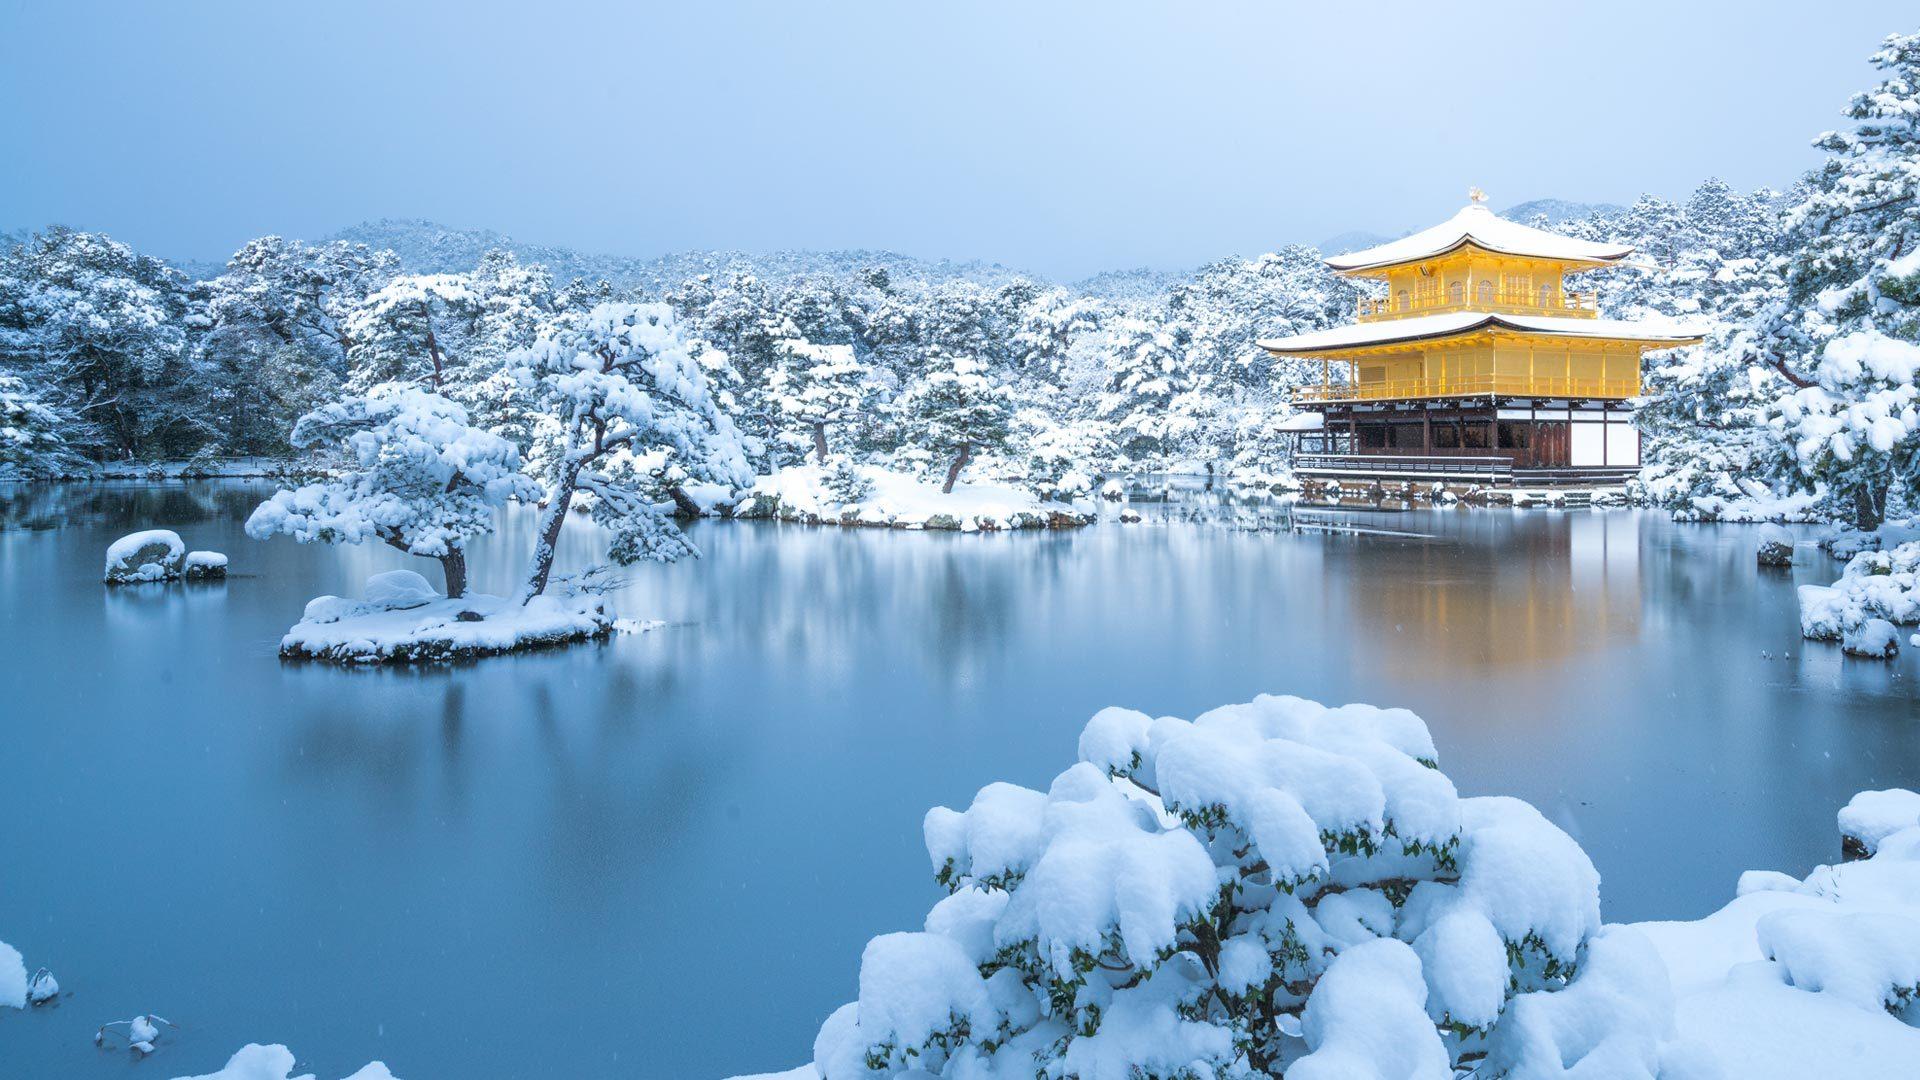 冬天的金阁寺金阁寺